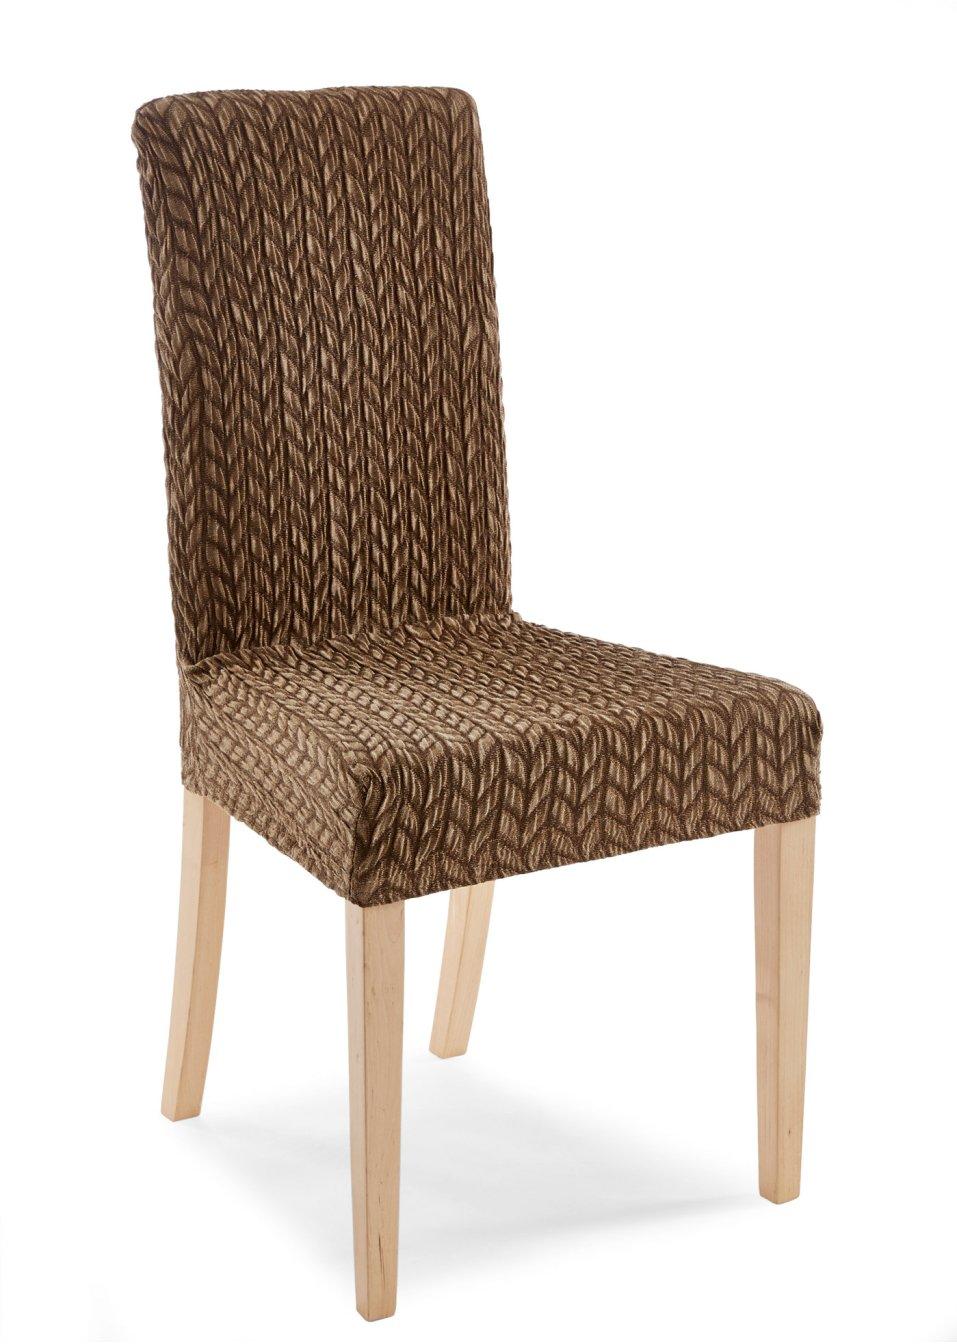 Housse de chaise tricot marron bpc living acheter online for Acheter housse de chaise